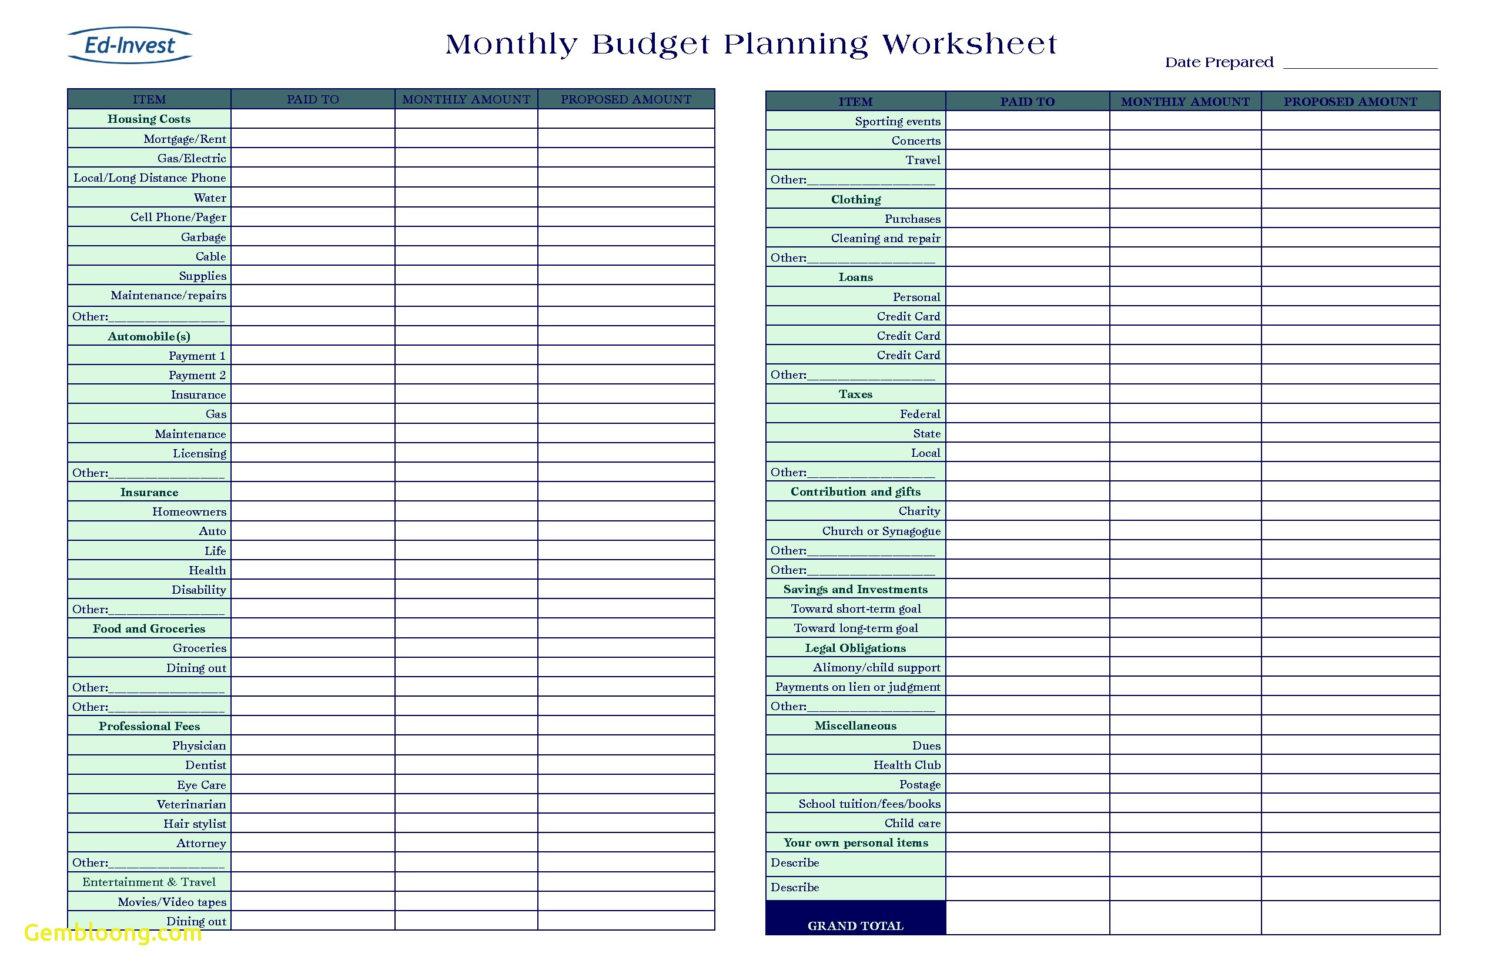 ar 15 parts list spreadsheet  Ar 15 Parts List Spreadsheet Regarding Ar 15 Parts List Spreadsheet – Spreadsheet Collections Ar 15 Parts List Spreadsheet Printable Spreadshee